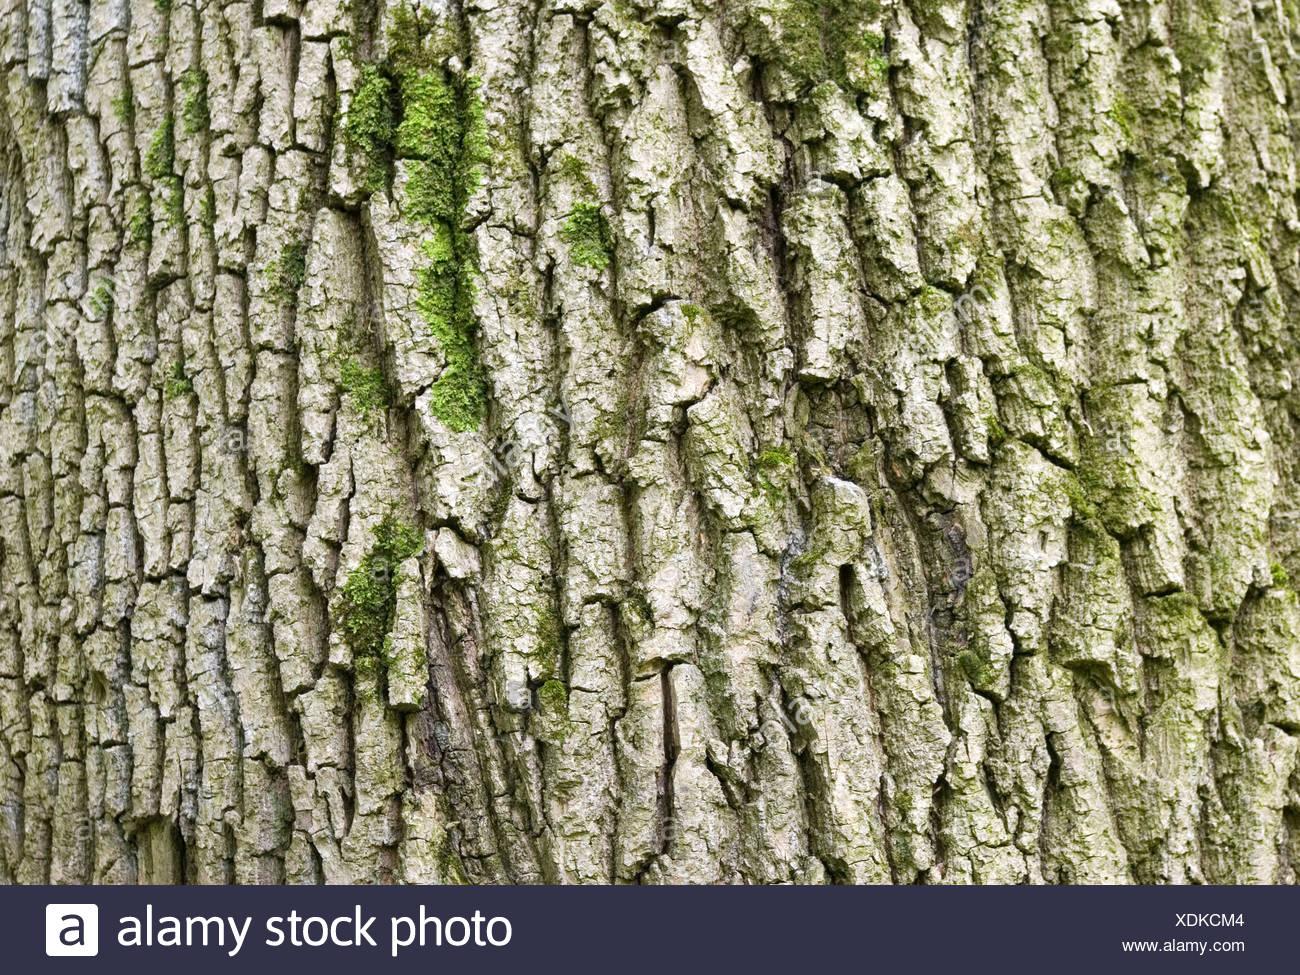 tree texture - Stock Image